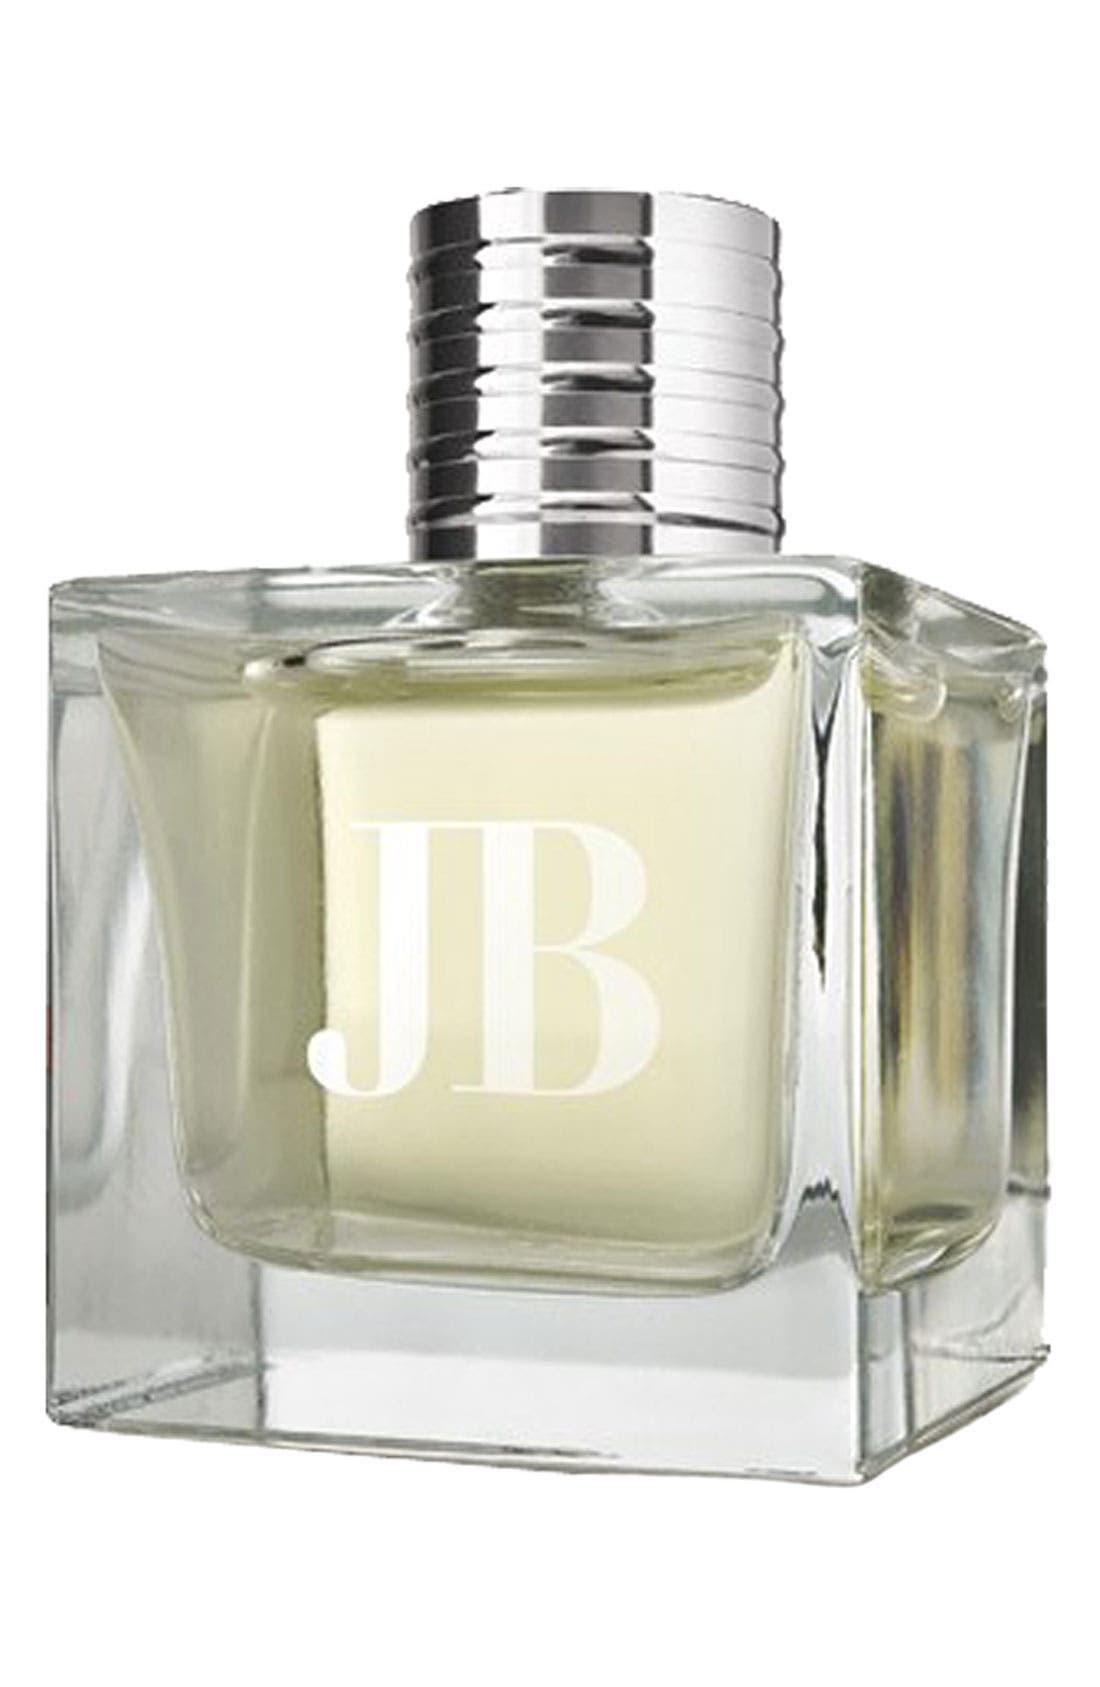 Jack Black 'JB' Eau de Parfum